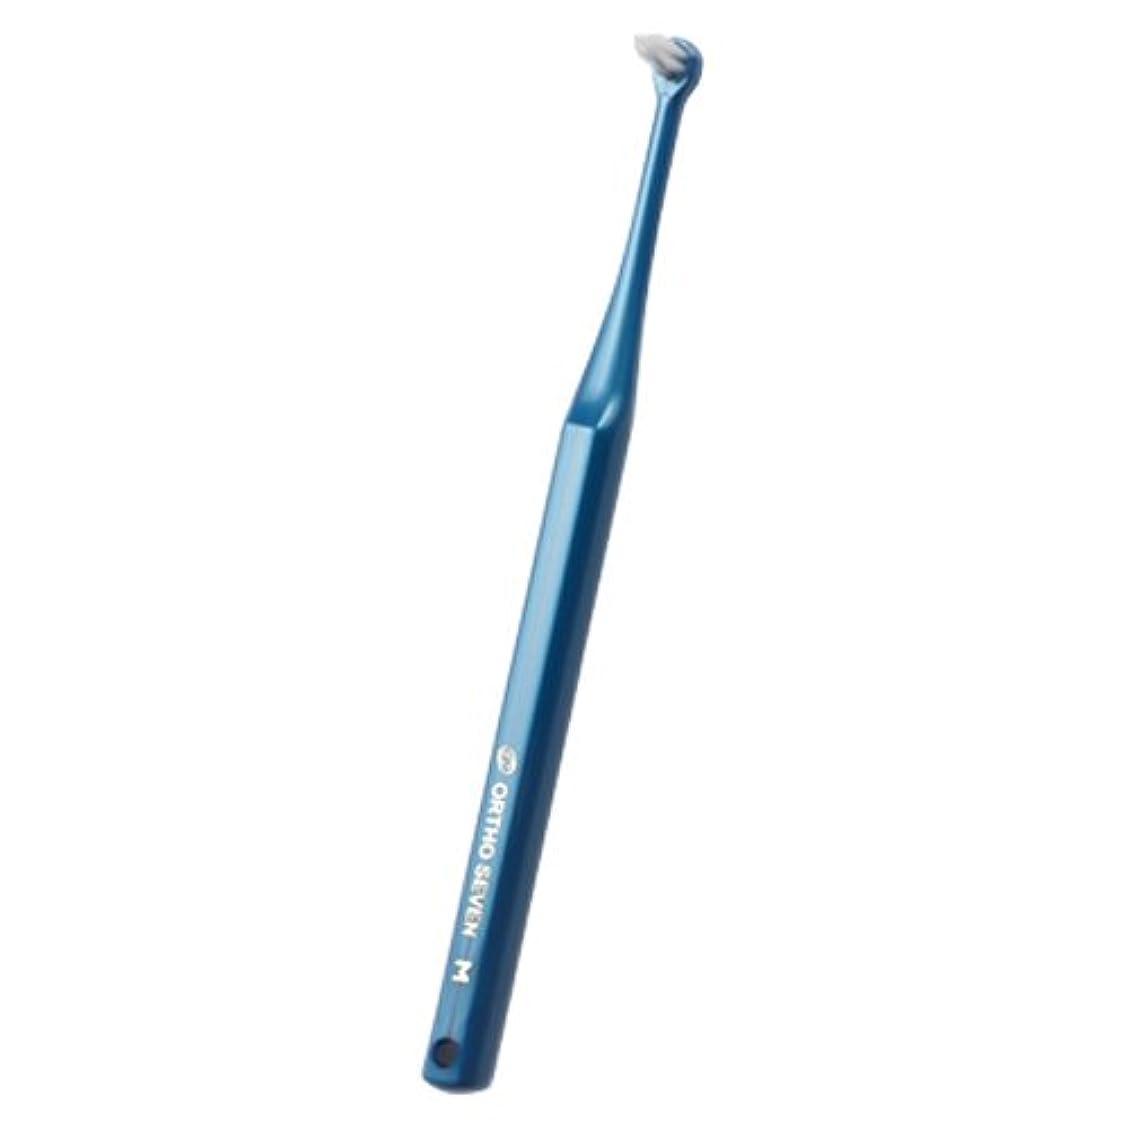 機知に富んだ君主飛ぶORTHOSEVEN オーソセブン 歯ブラシ 1本 パールブルー